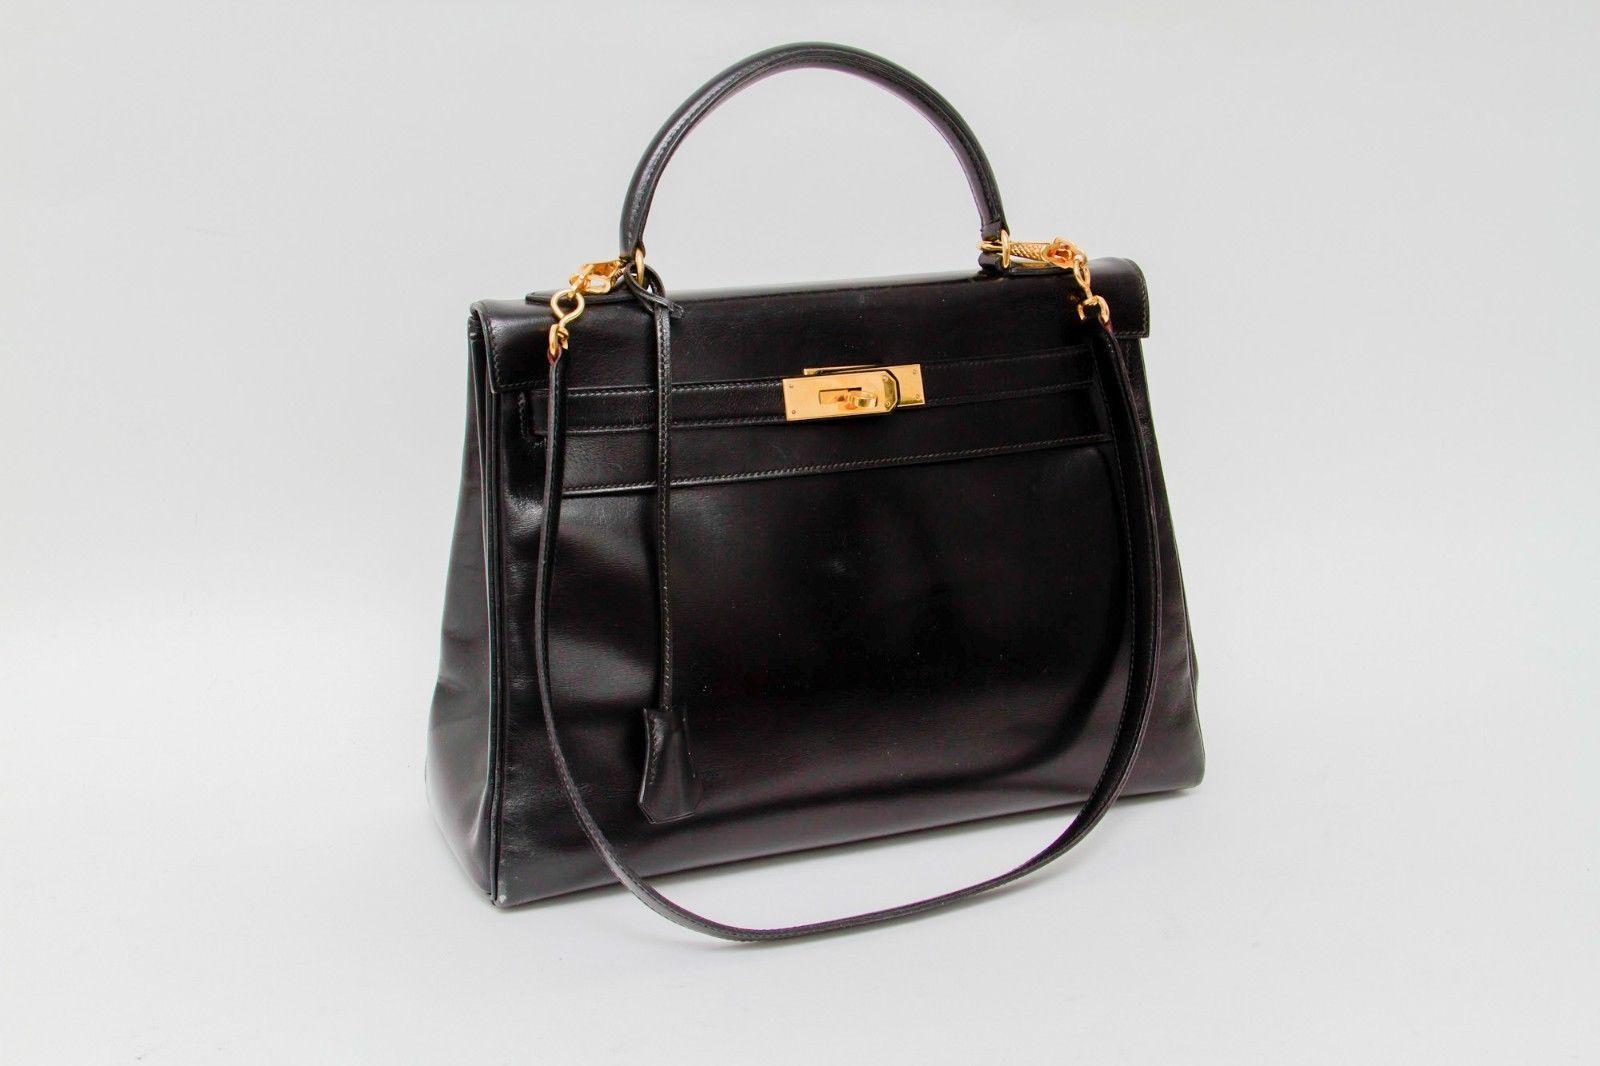 #Trending - HERMES VTG Kelly 32 Black Gold Tonal Leather Flap Shoulder Handle Bag Medium http://ift.tt/2kfCTVg https://t.co/rDvbzFZLWt